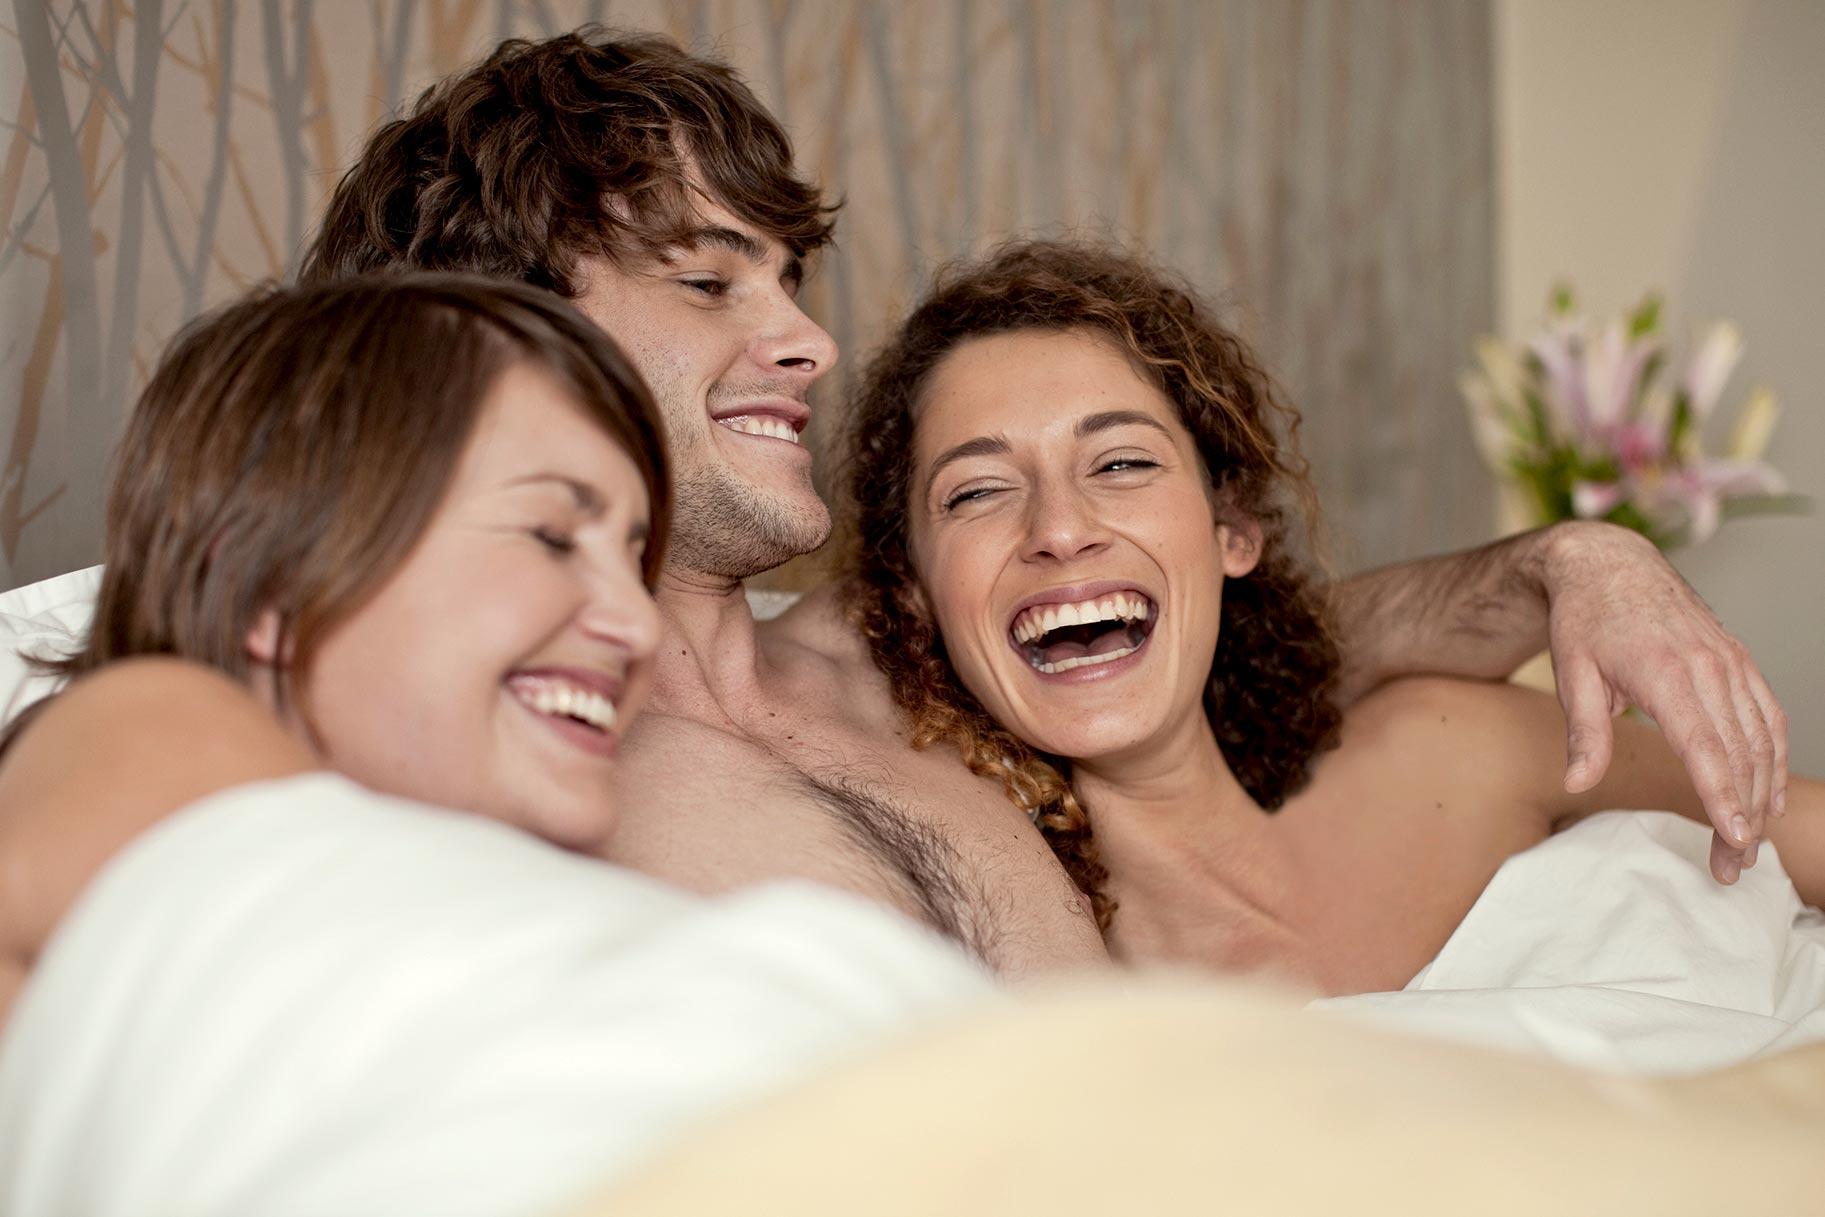 Ебутся втроем дома смотреть, порно фото щель толстушки крупным планом